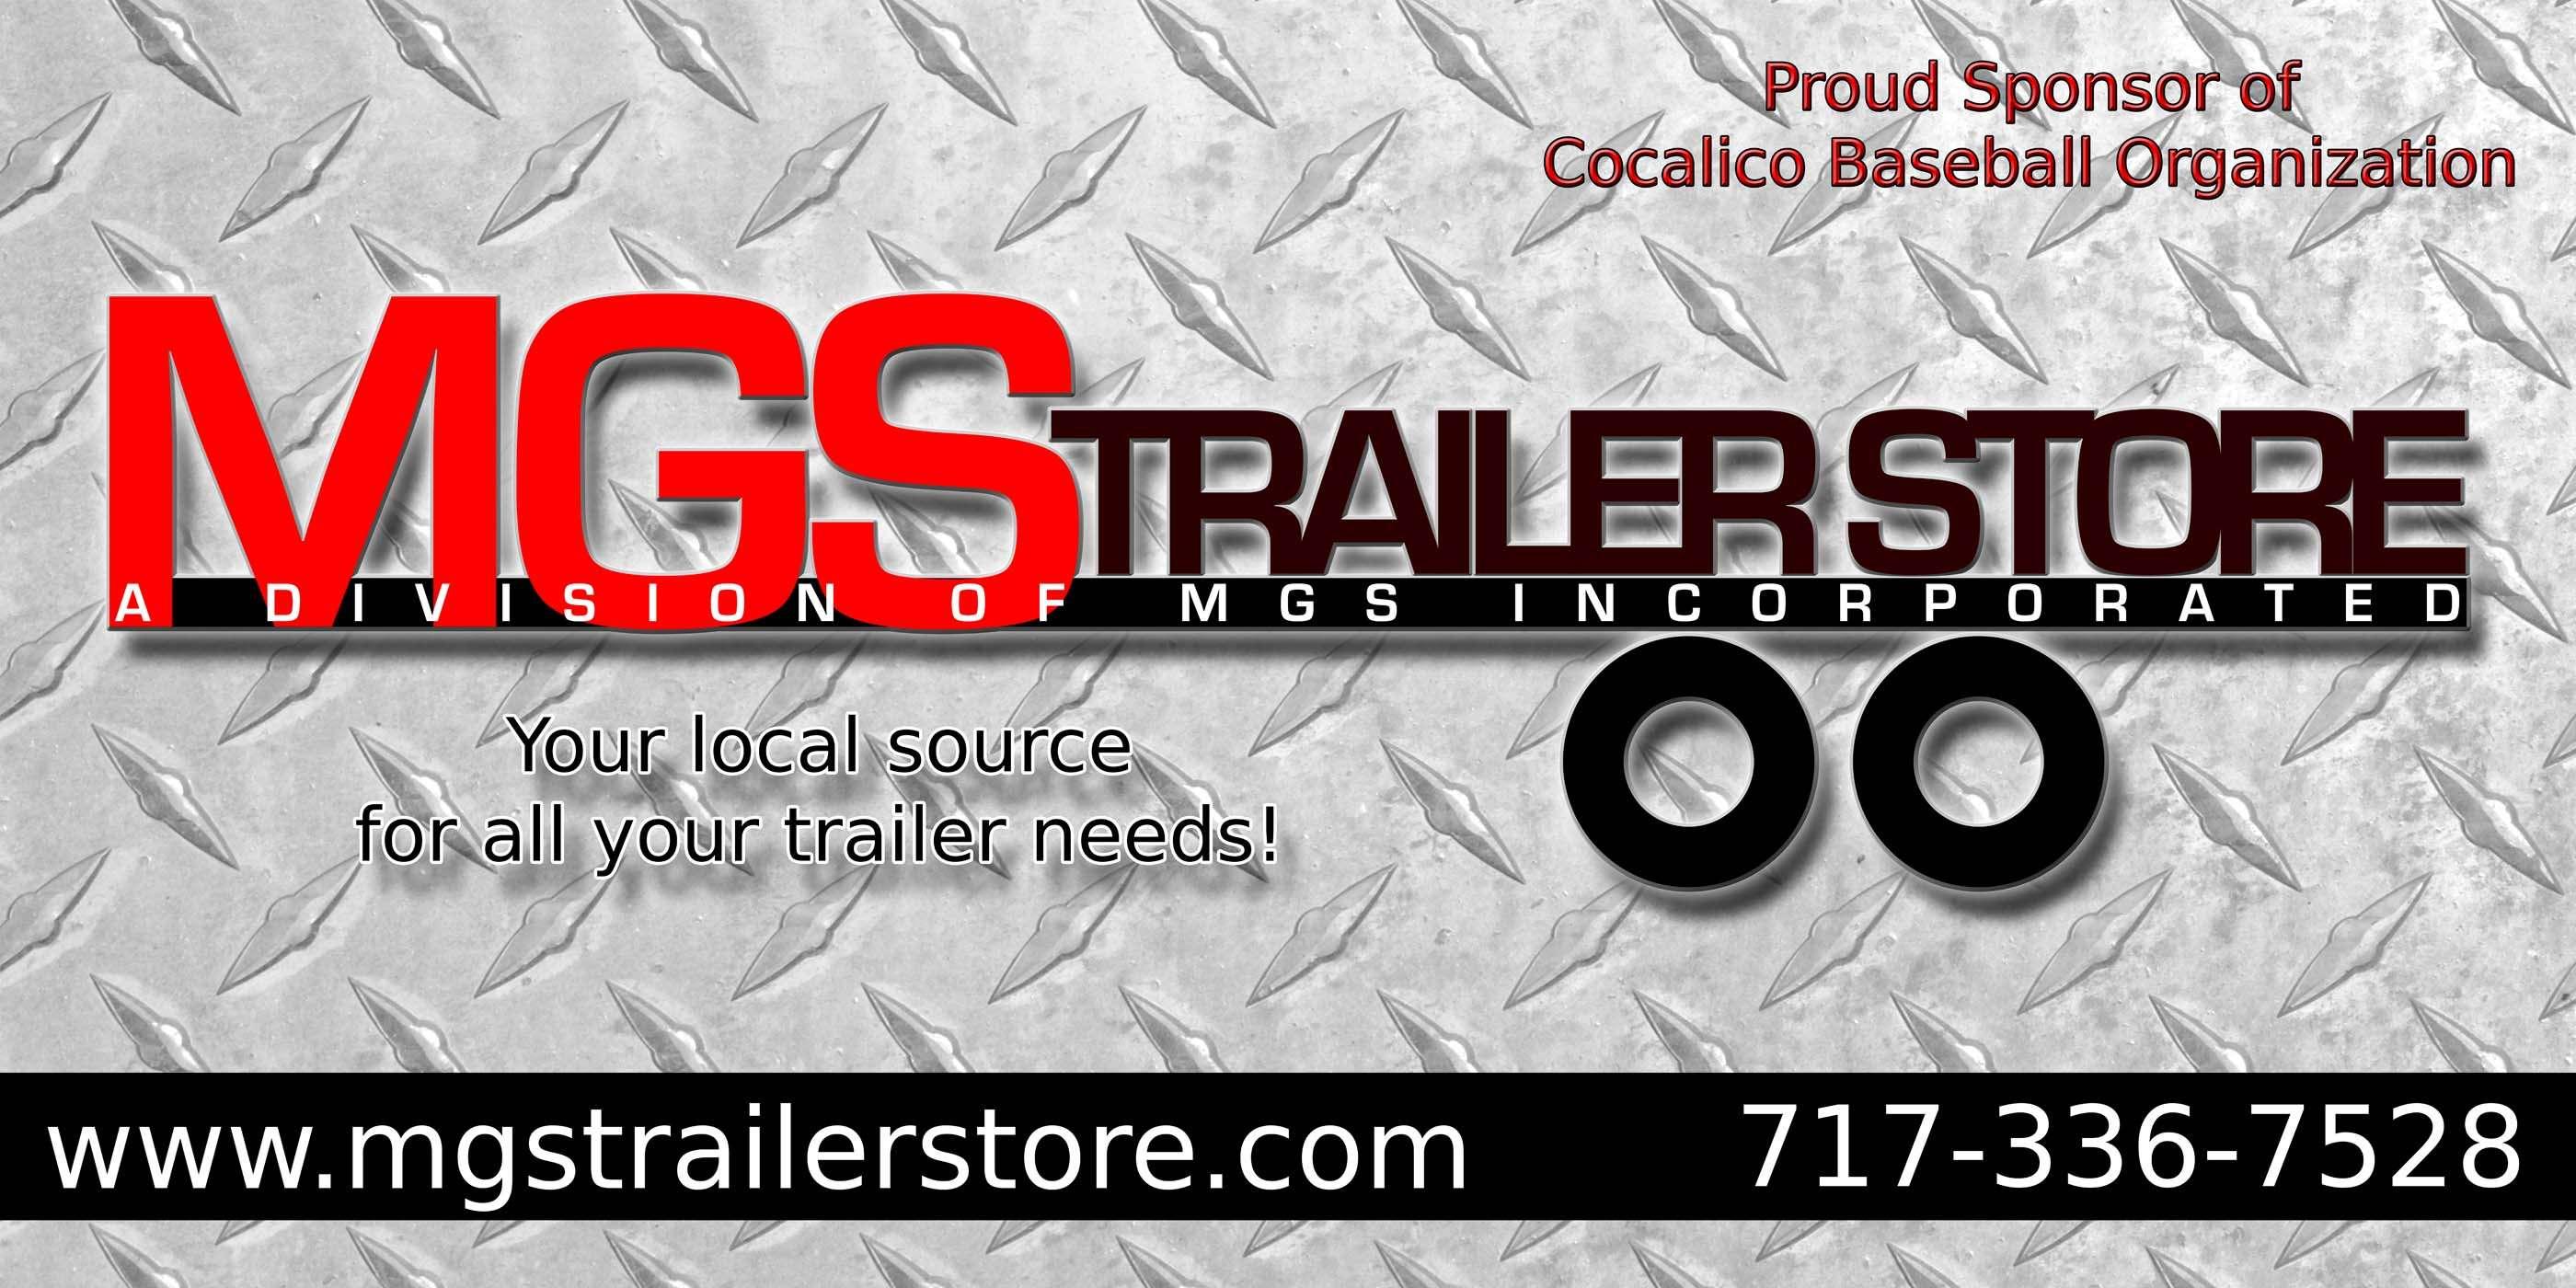 MGS Trailer